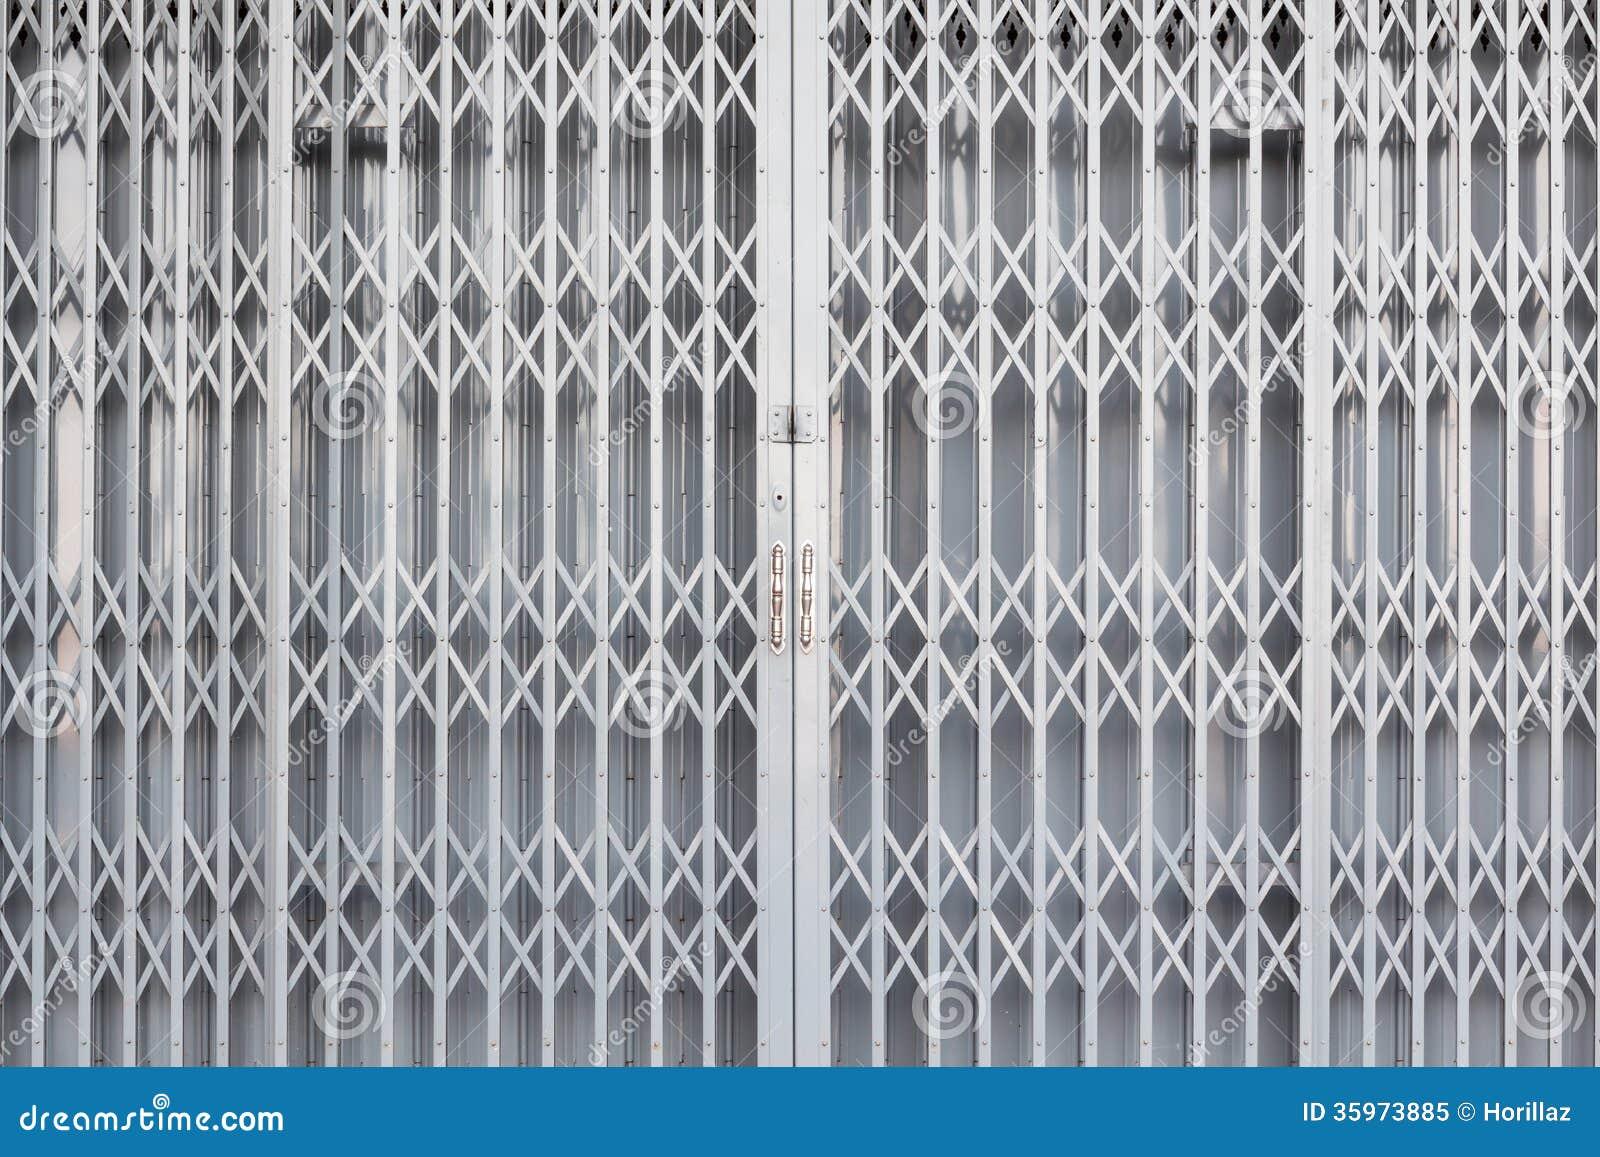 Steel Sliding Door Stock Image Image Of Rusty Close 35973885